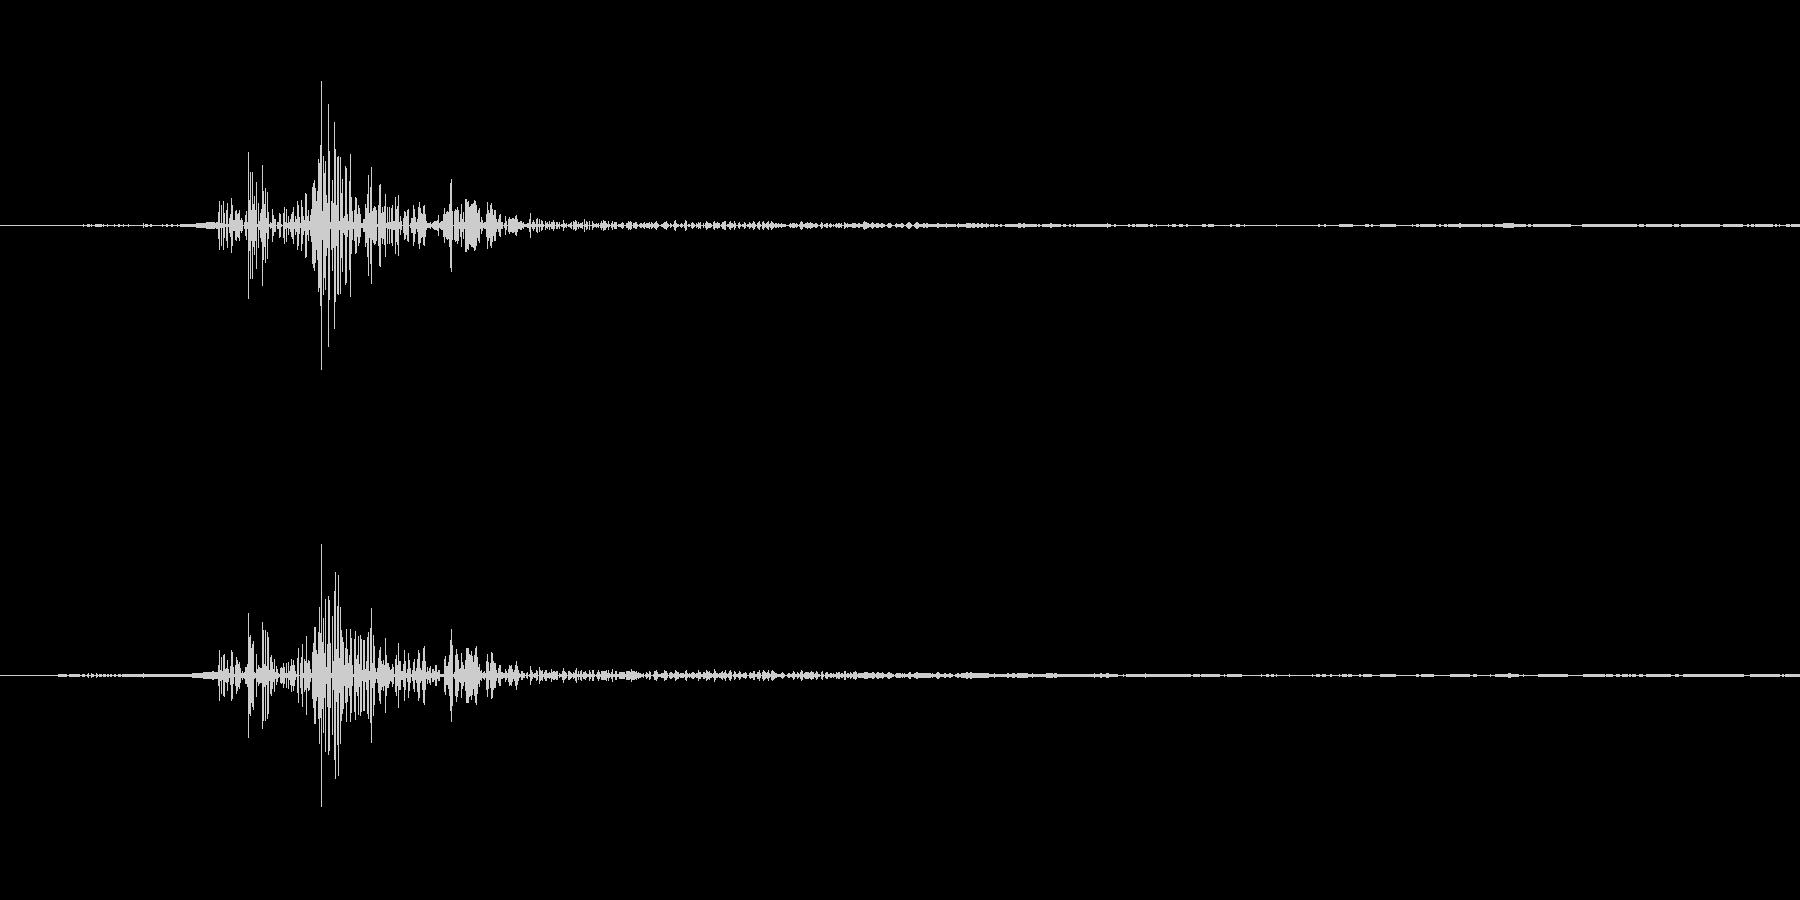 一般的なクリック音です。の未再生の波形